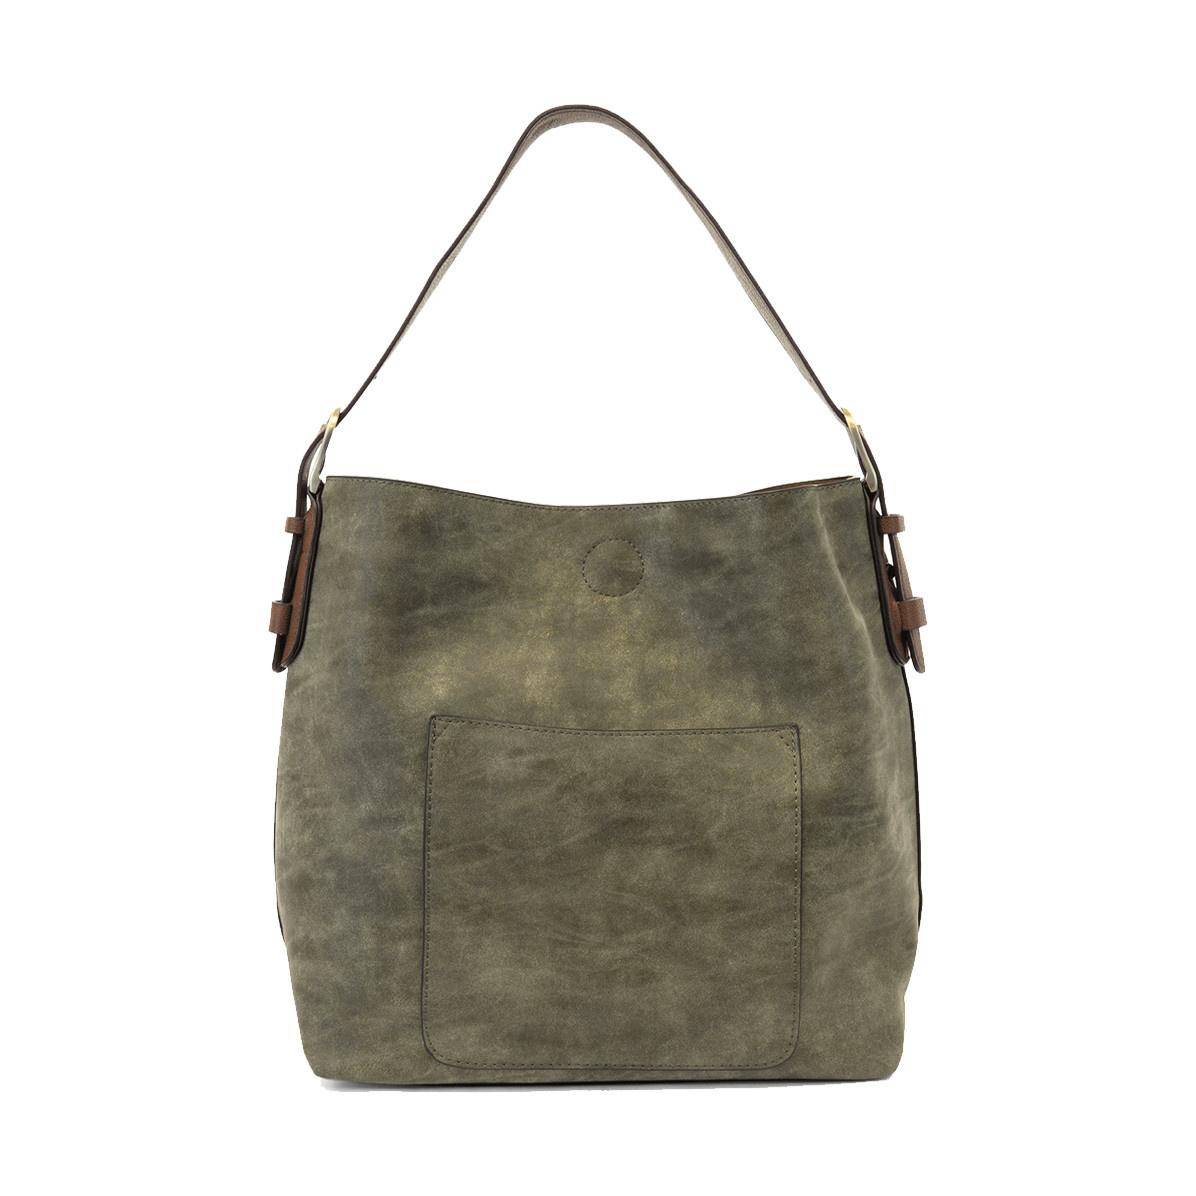 Joy Susan Joy Susan Lux Hobo Handbag Olive